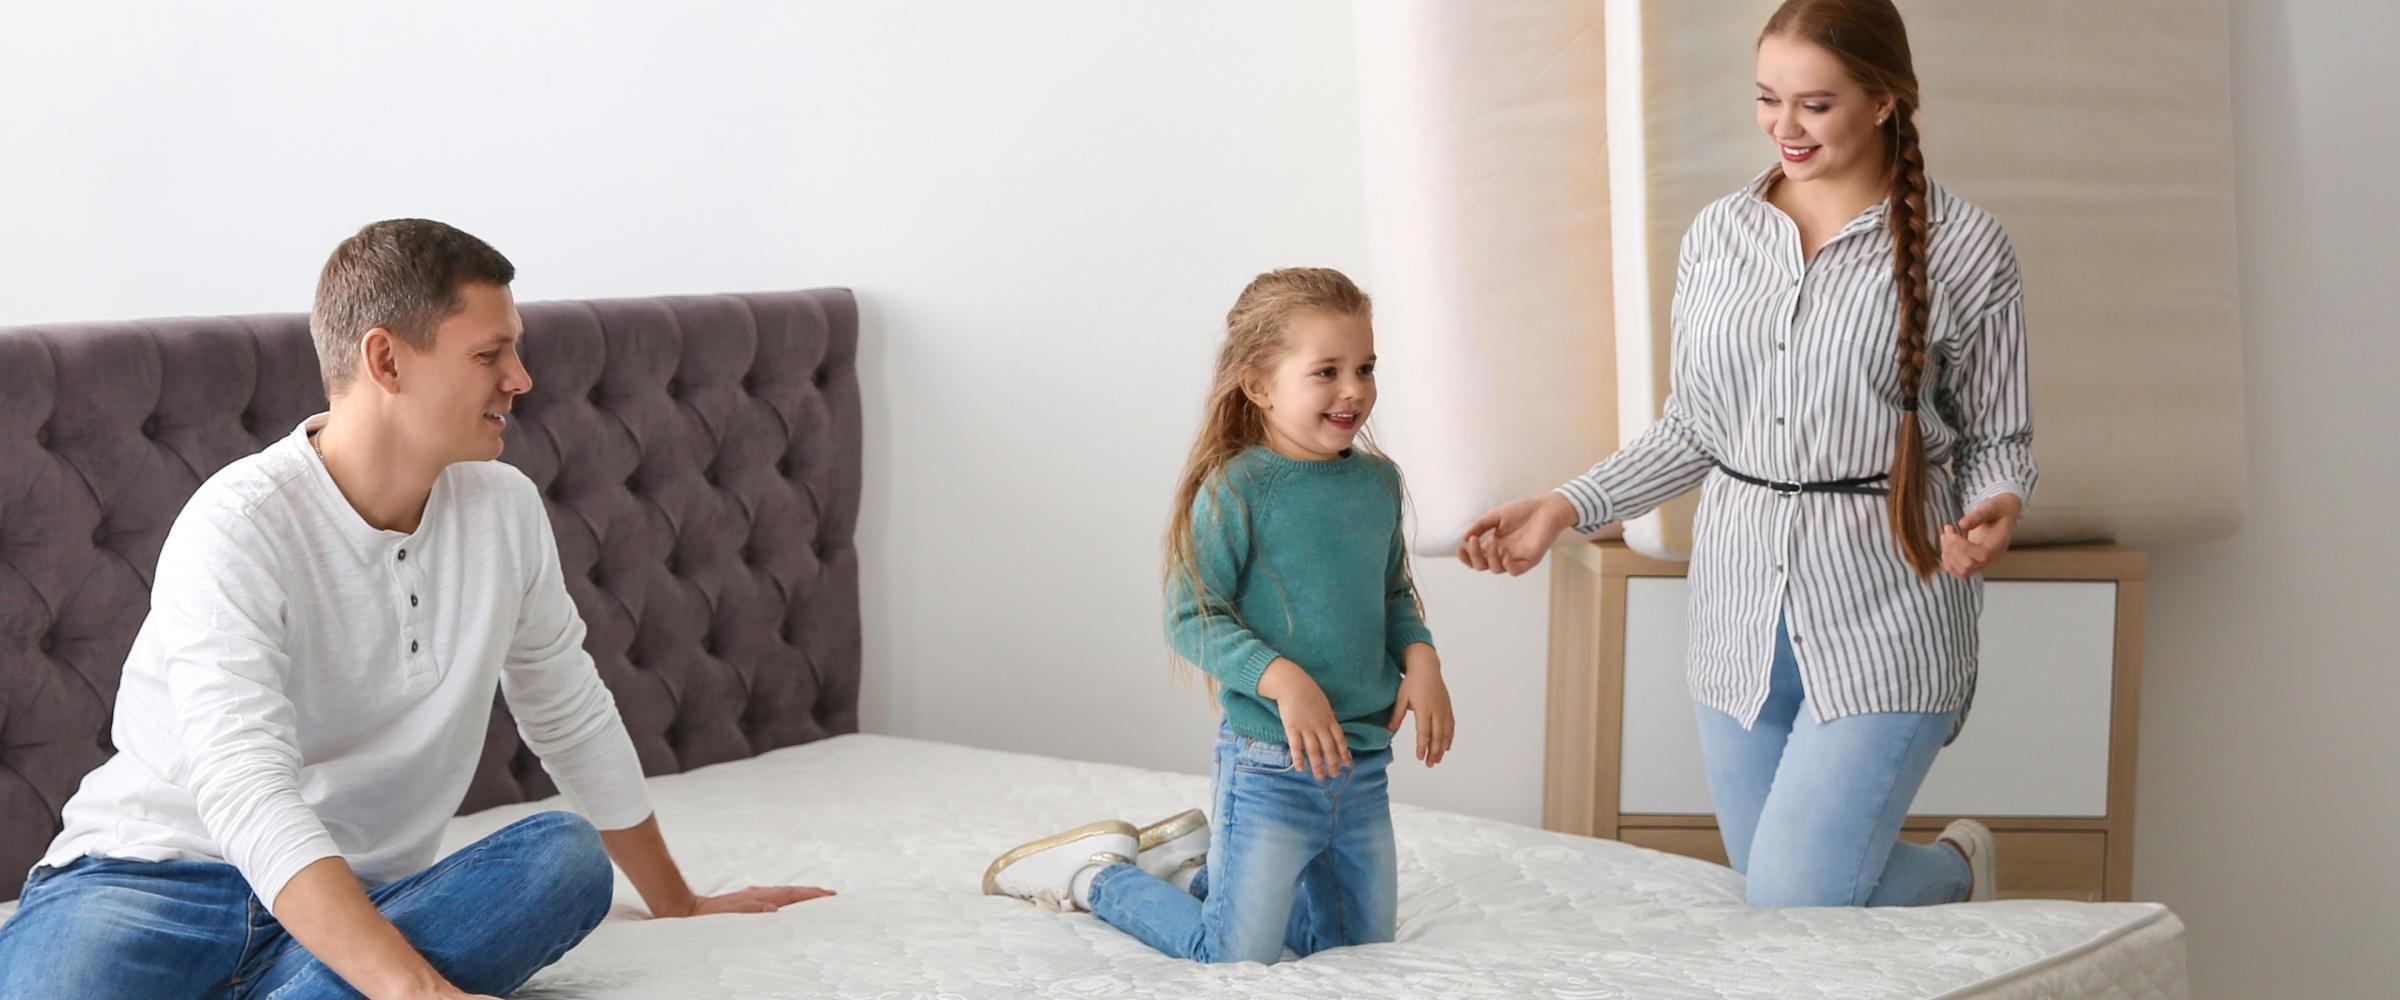 Нужен ли для ребенка ортопедический матрас?